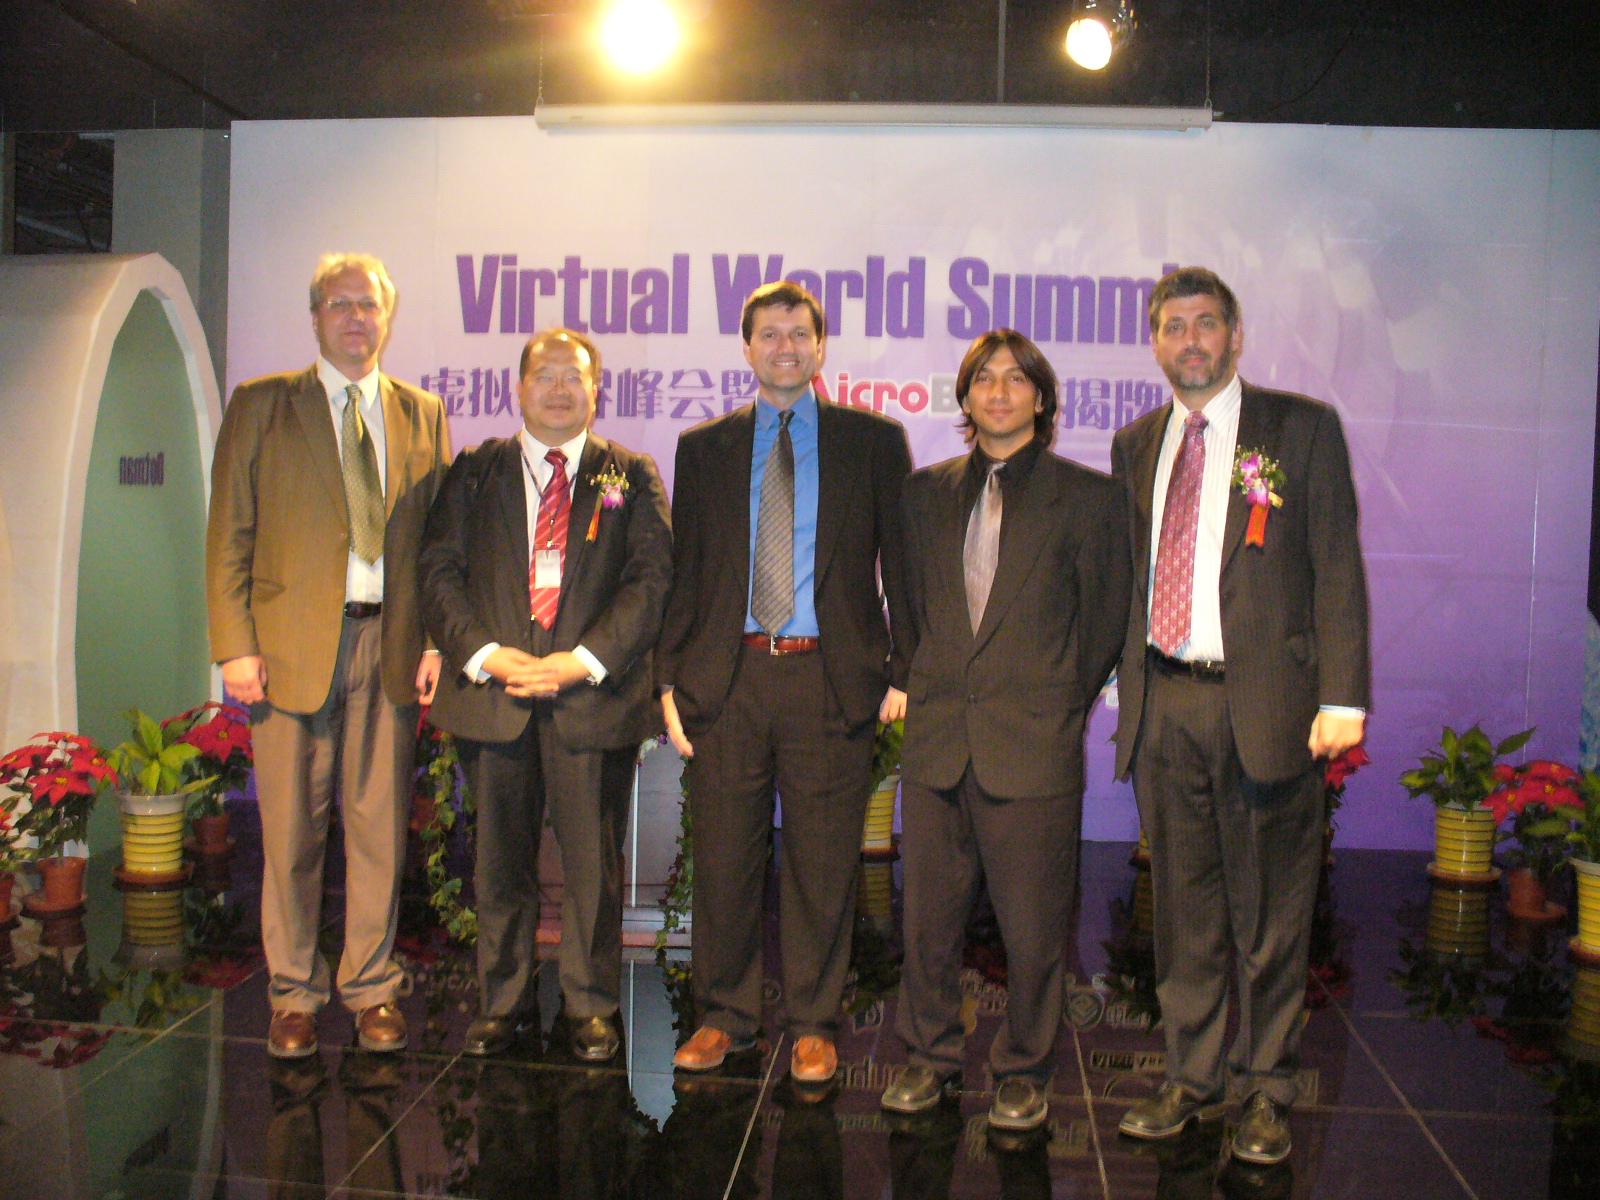 Dr. Robert Lai with Damon, Greg, Chris and Myself